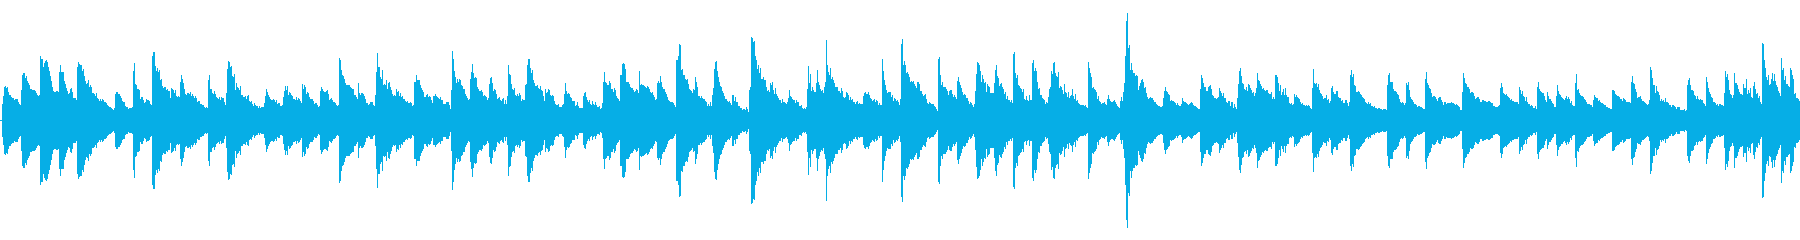 和風 日常BGM(ゆったりめ)の再生済みの波形